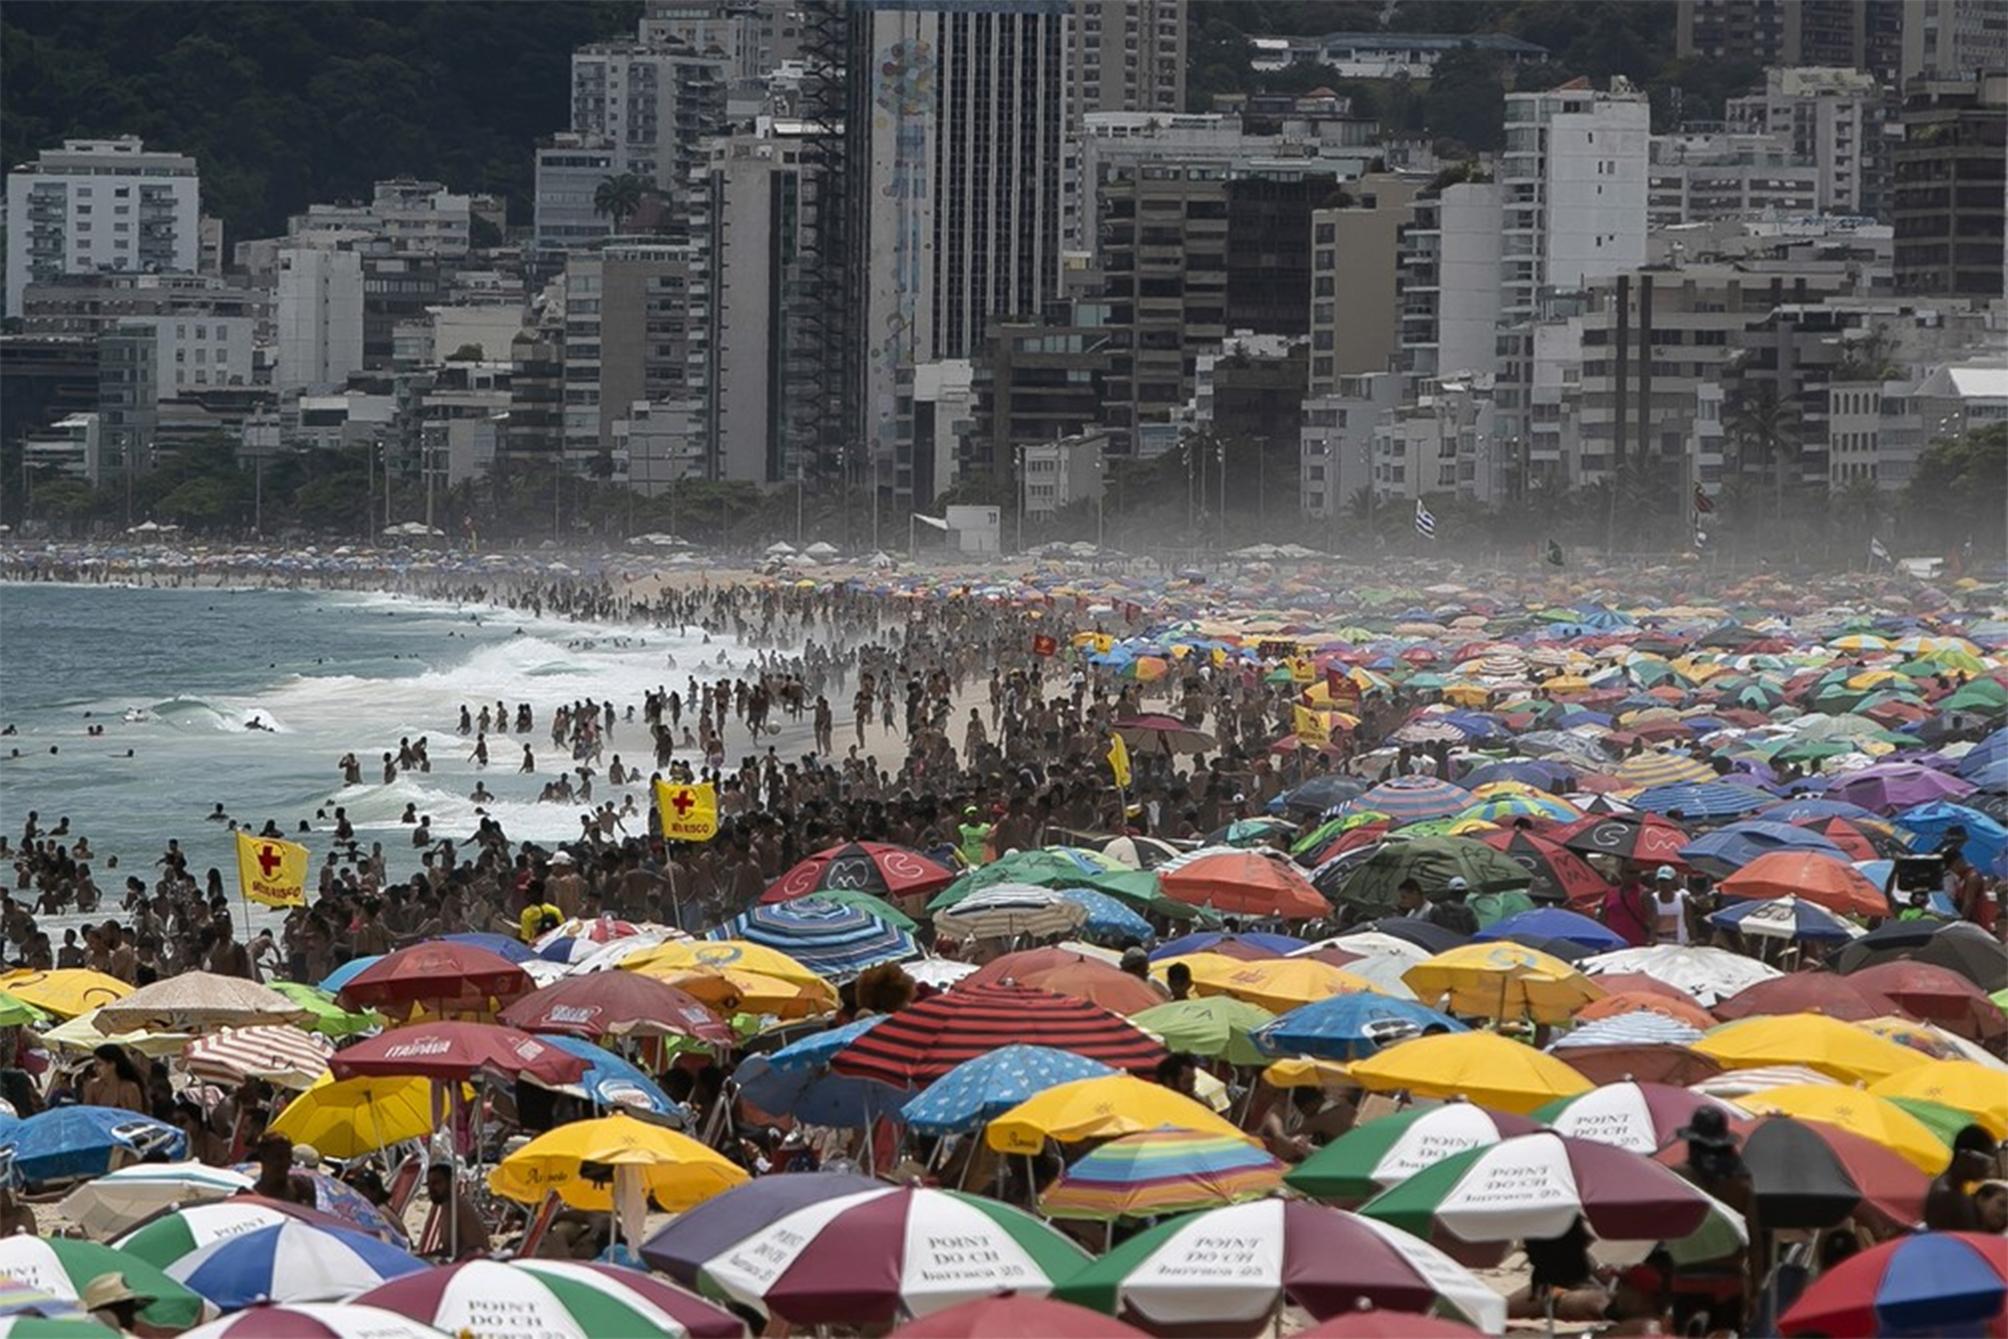 Rio bate recorde de calor pelo terceiro dia seguido com 40°C de temperatura